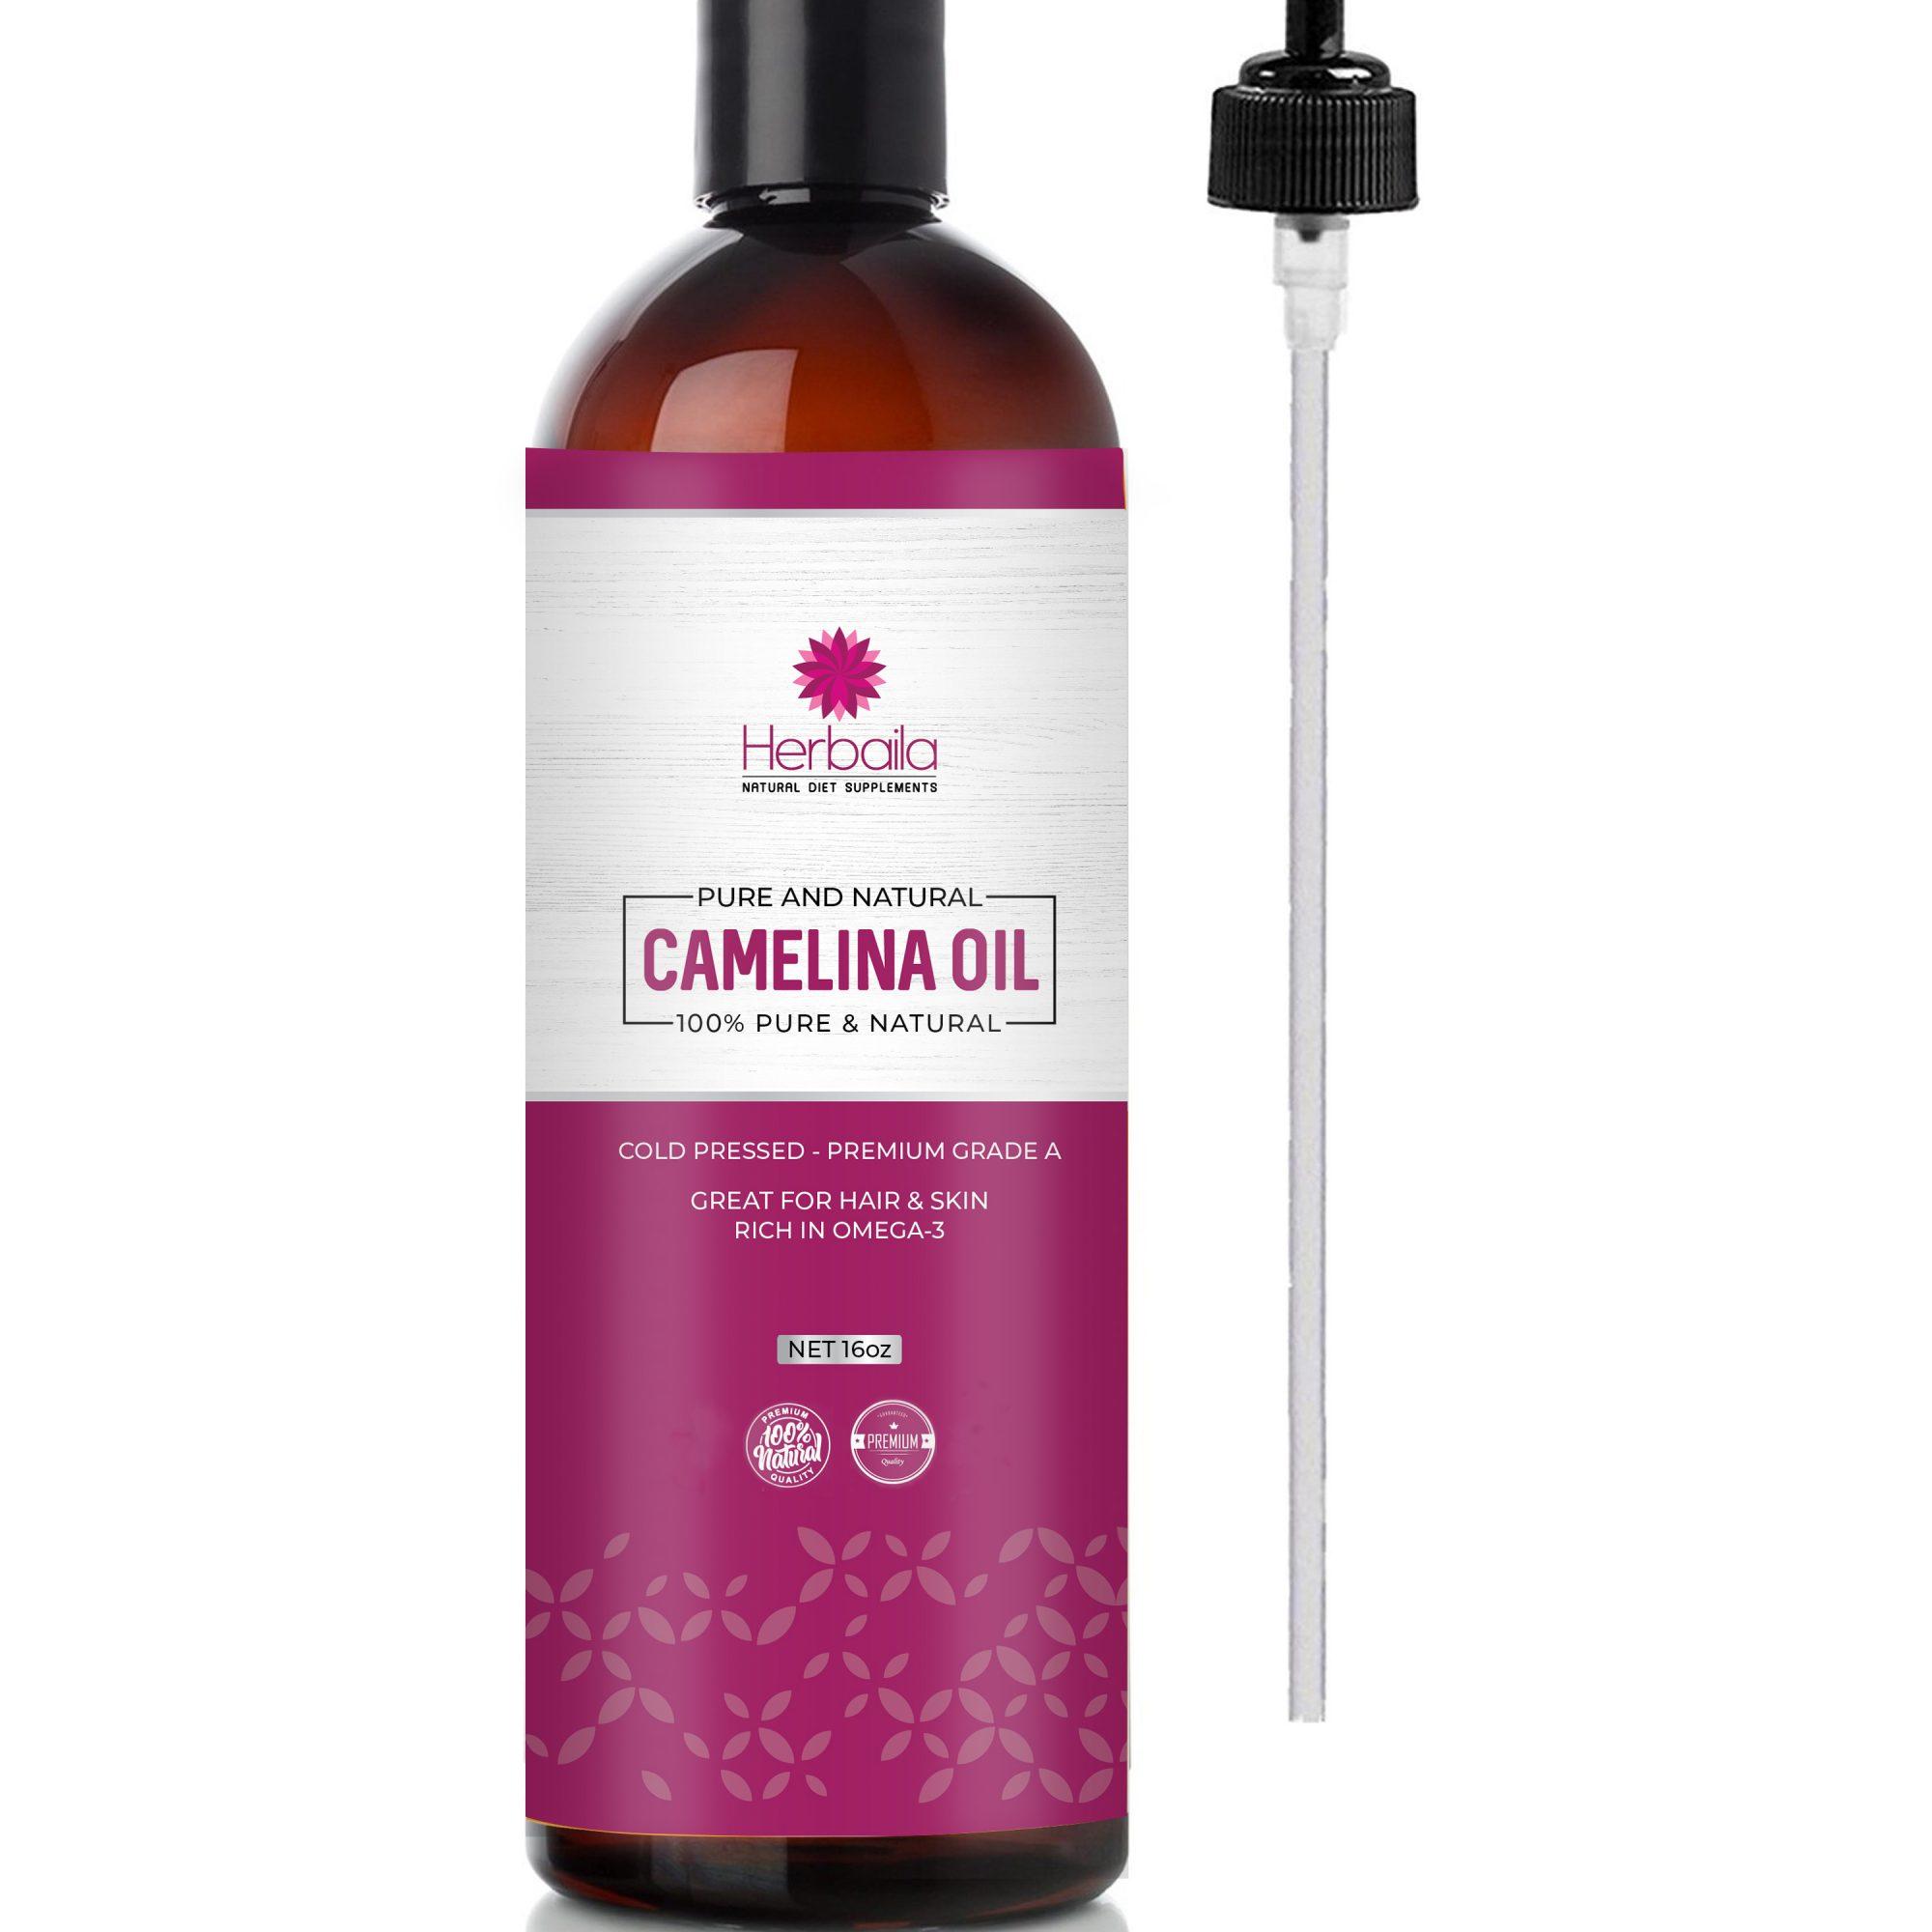 Herbaila Camelina Oil